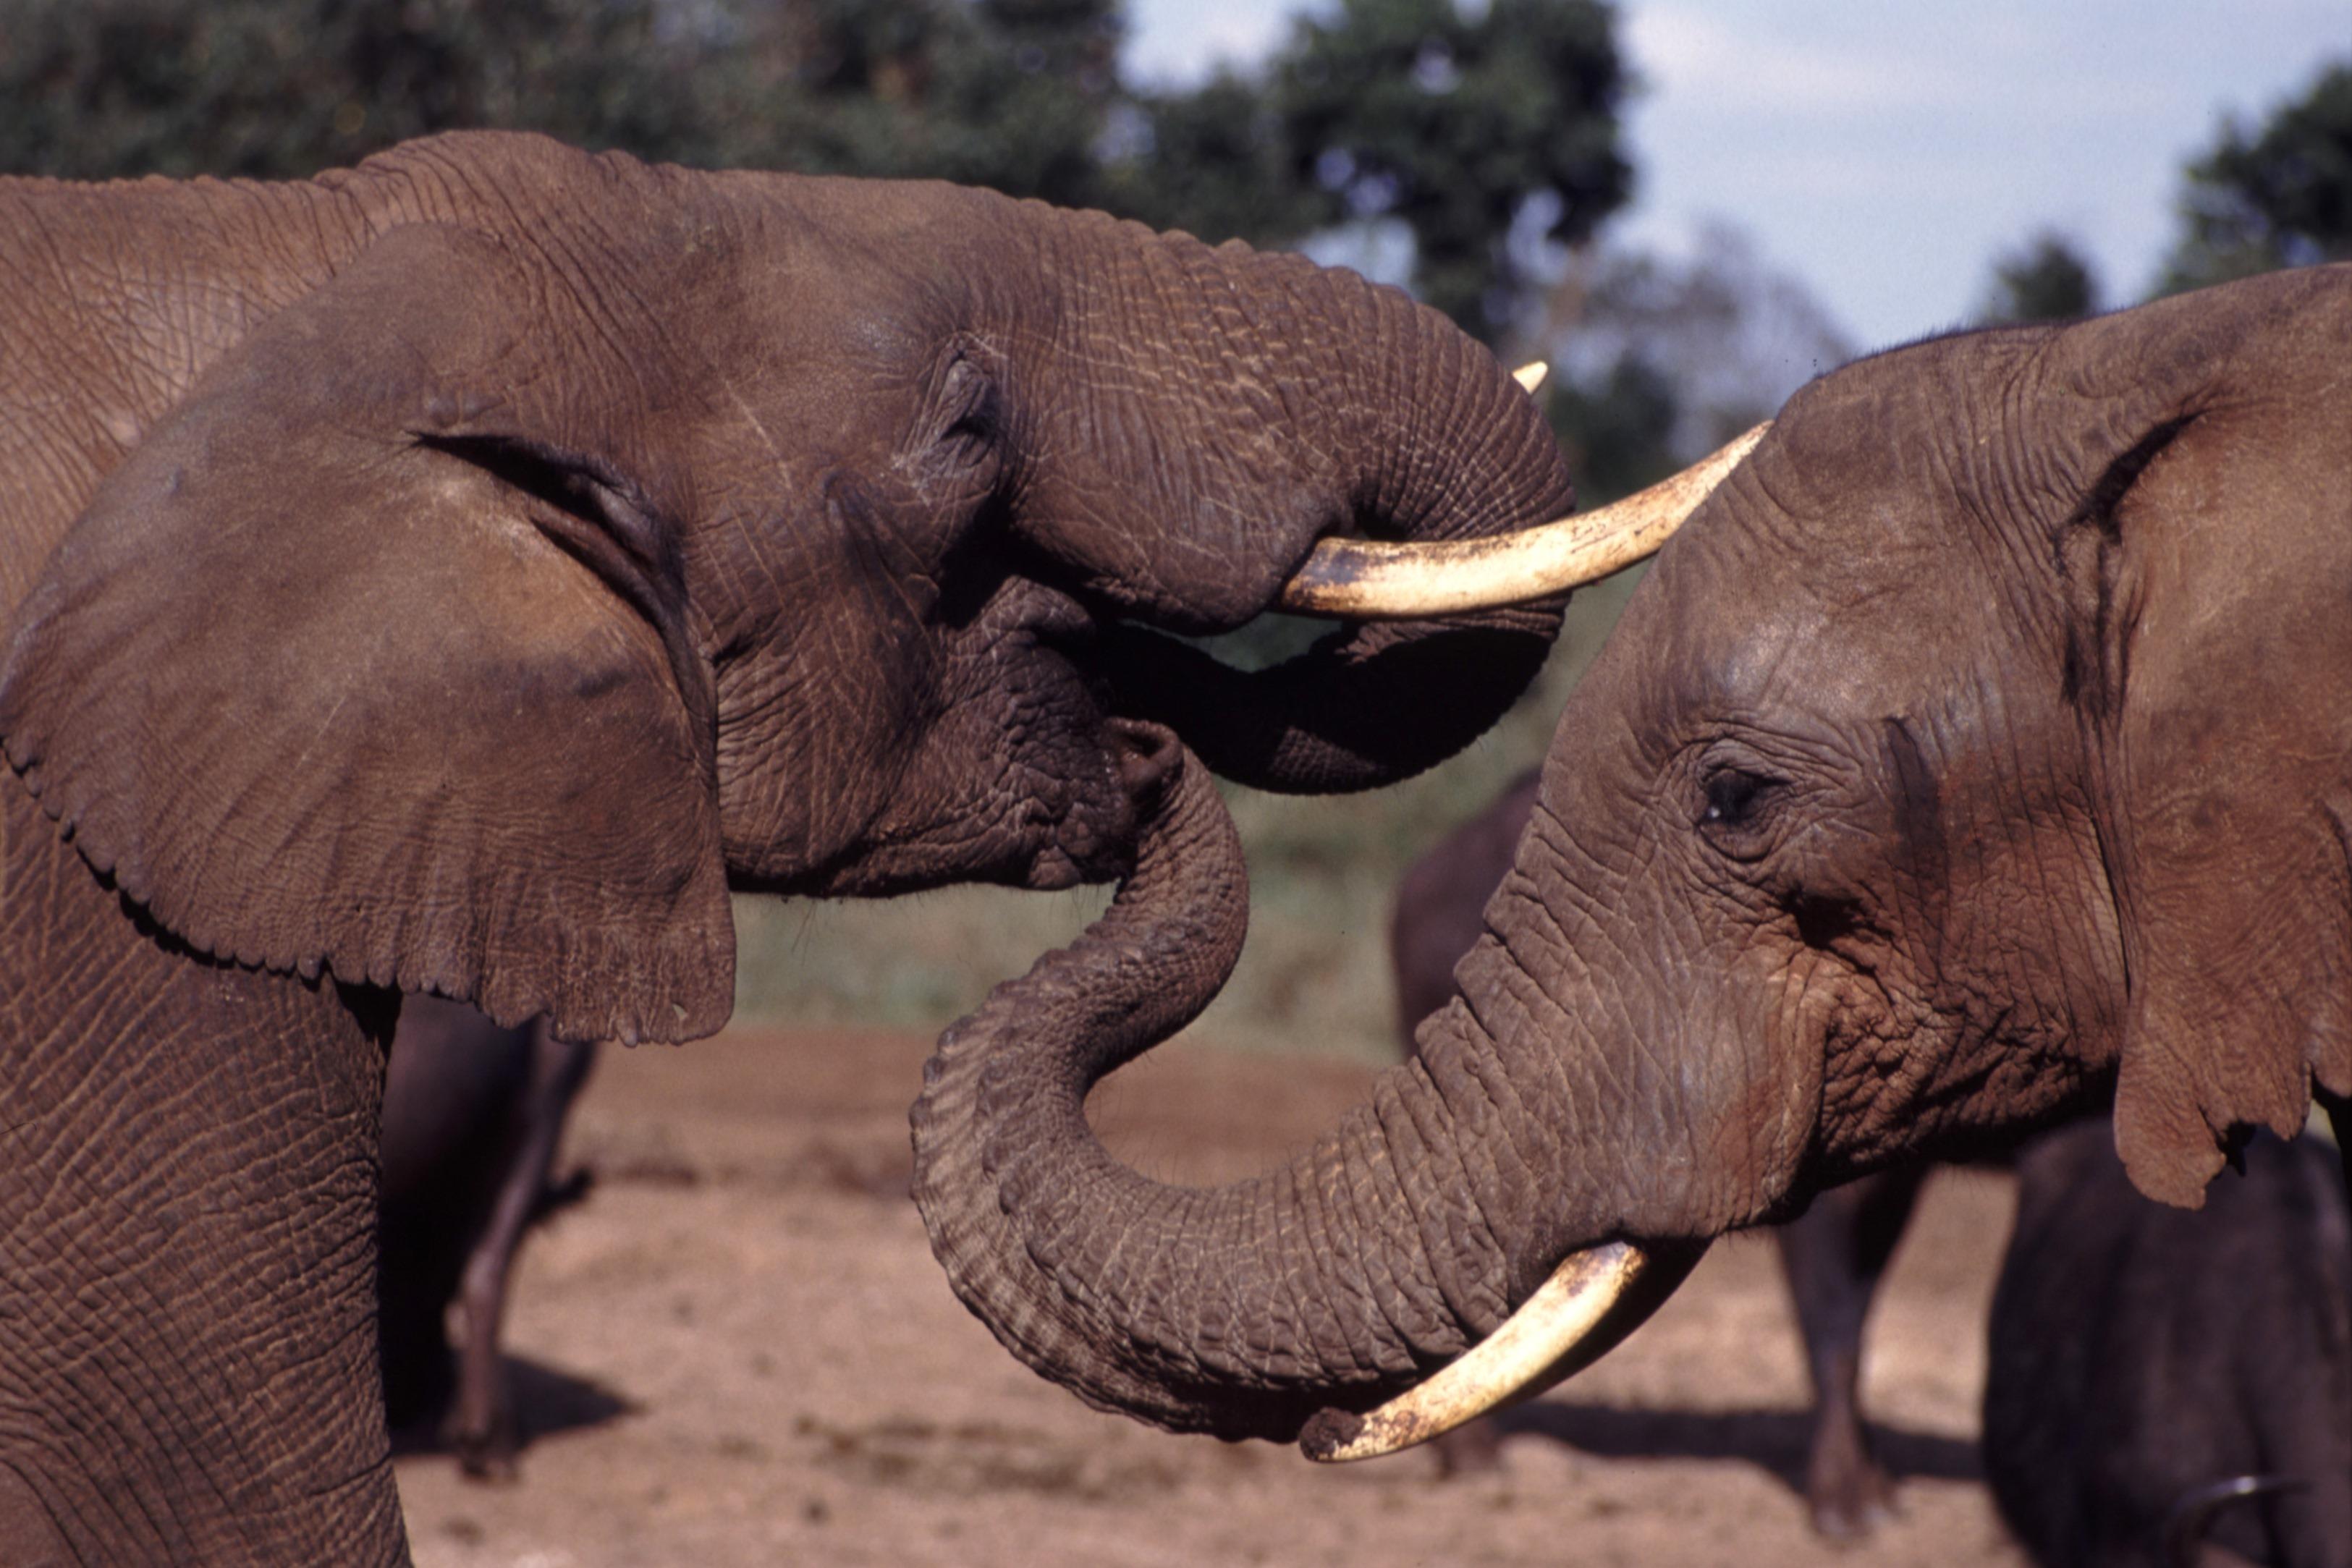 Comment les éléphants rassurent-ils leurs congénères en détresse (Vidéo)